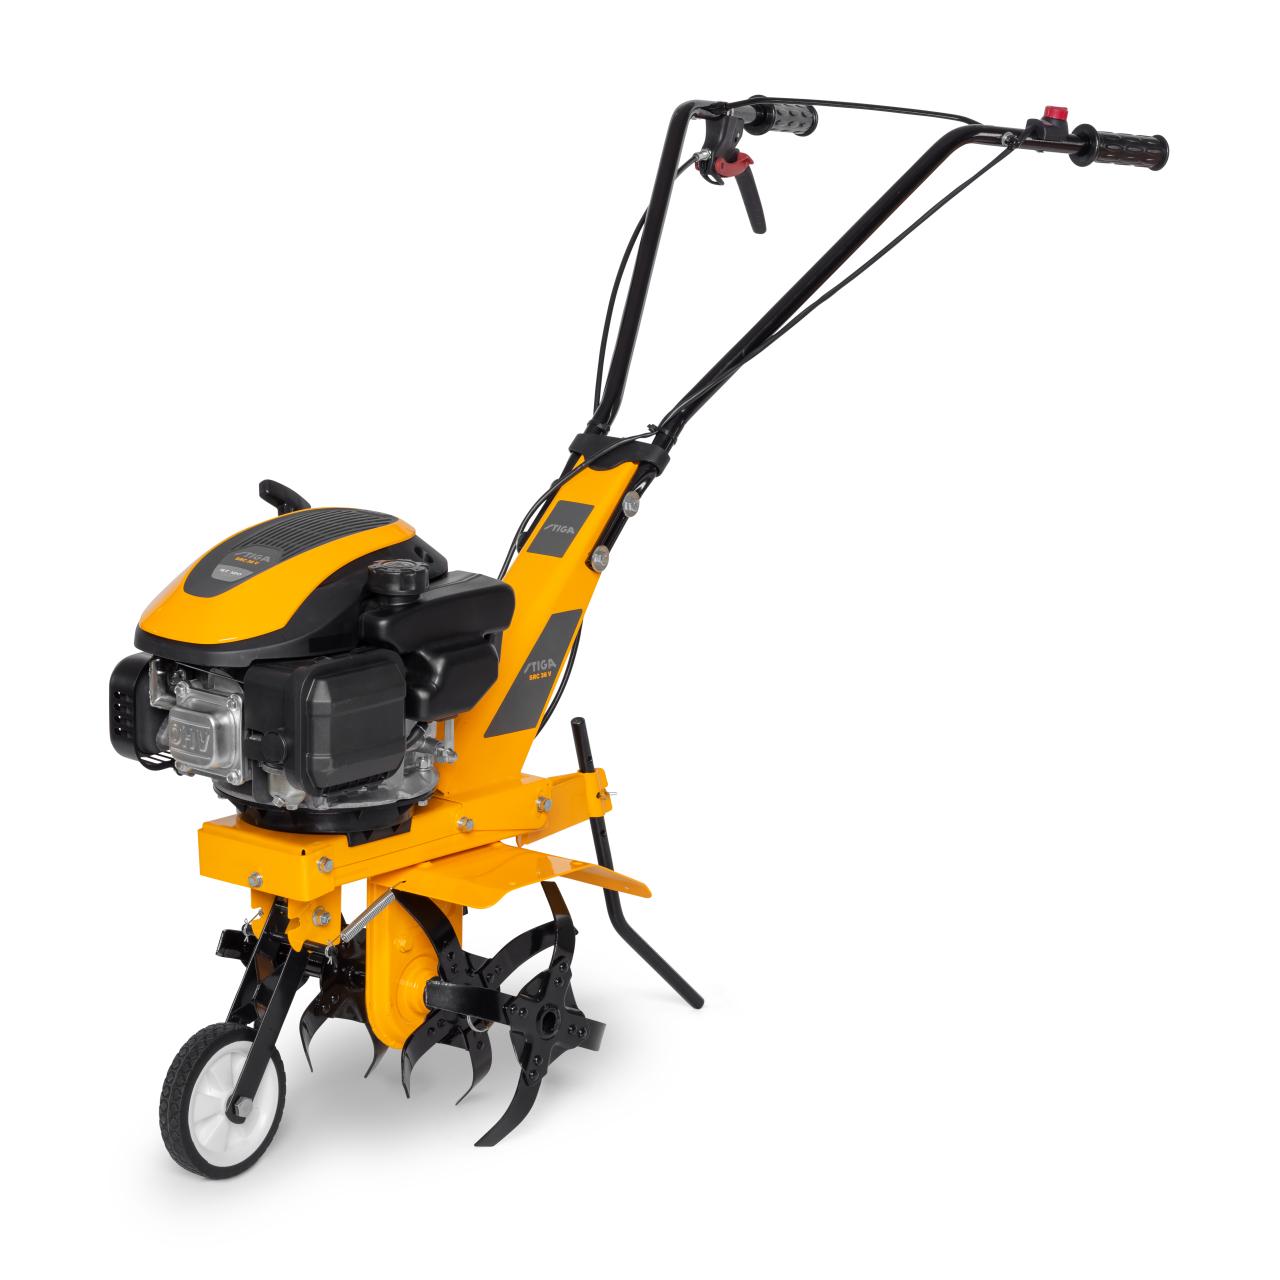 Benzin-Motorhacke SRC 36 V